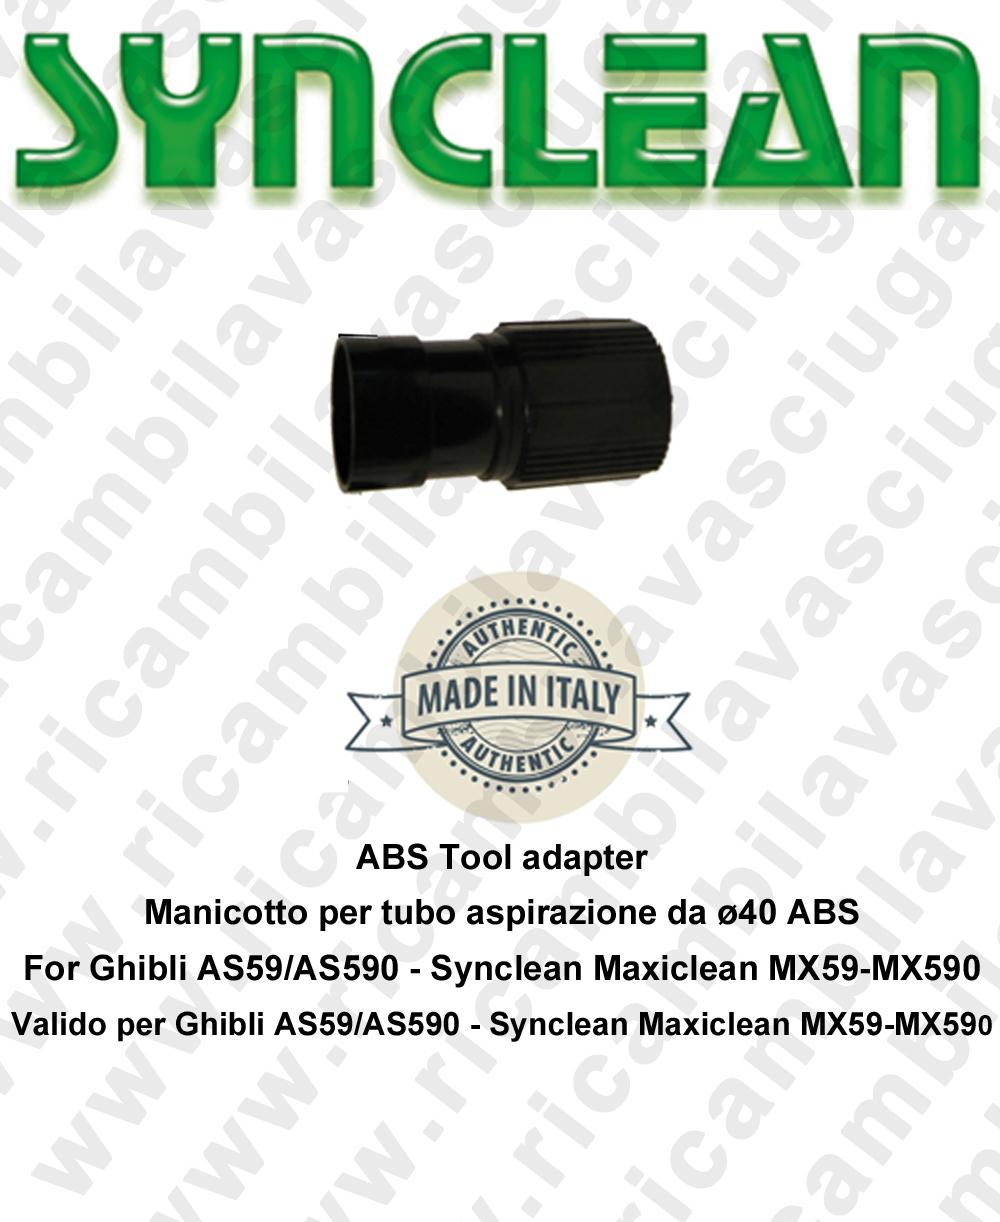 Manicotto per tubo aspirazione da D40 ABS valido per Ghibli AS59 - AS590 - Synclean MX59 - MX590